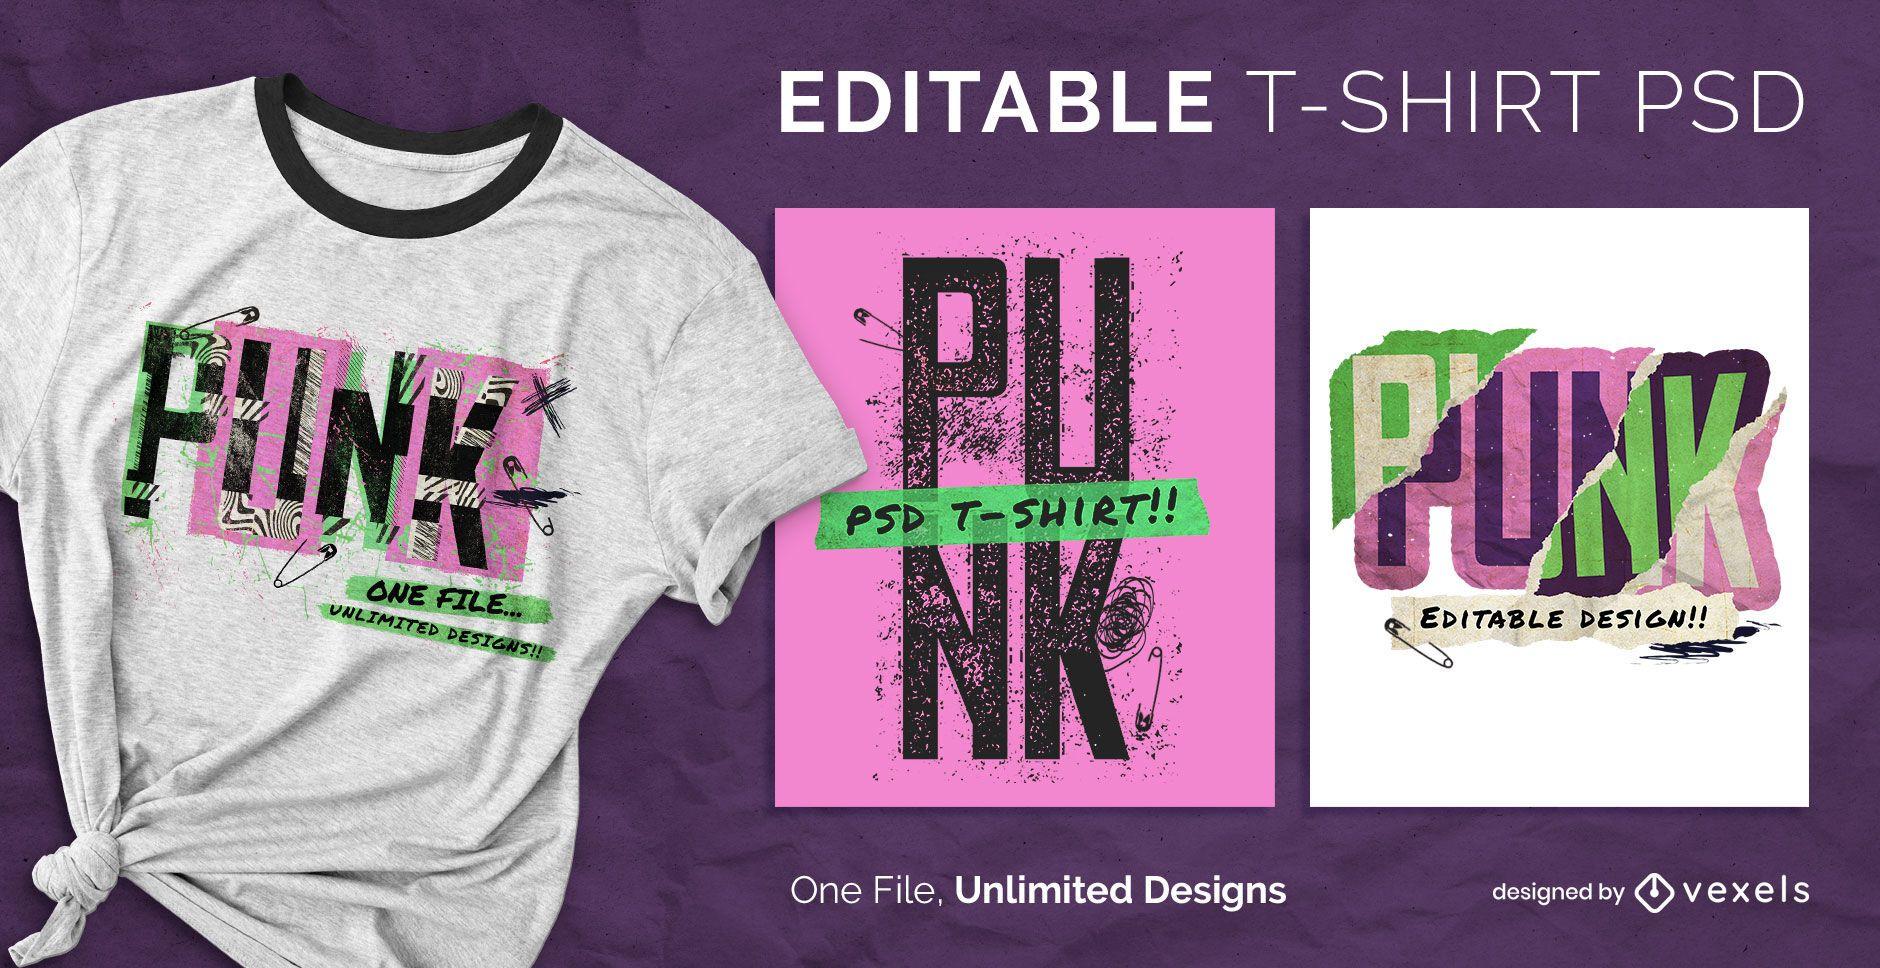 Camiseta escalable estilo retro punk psd